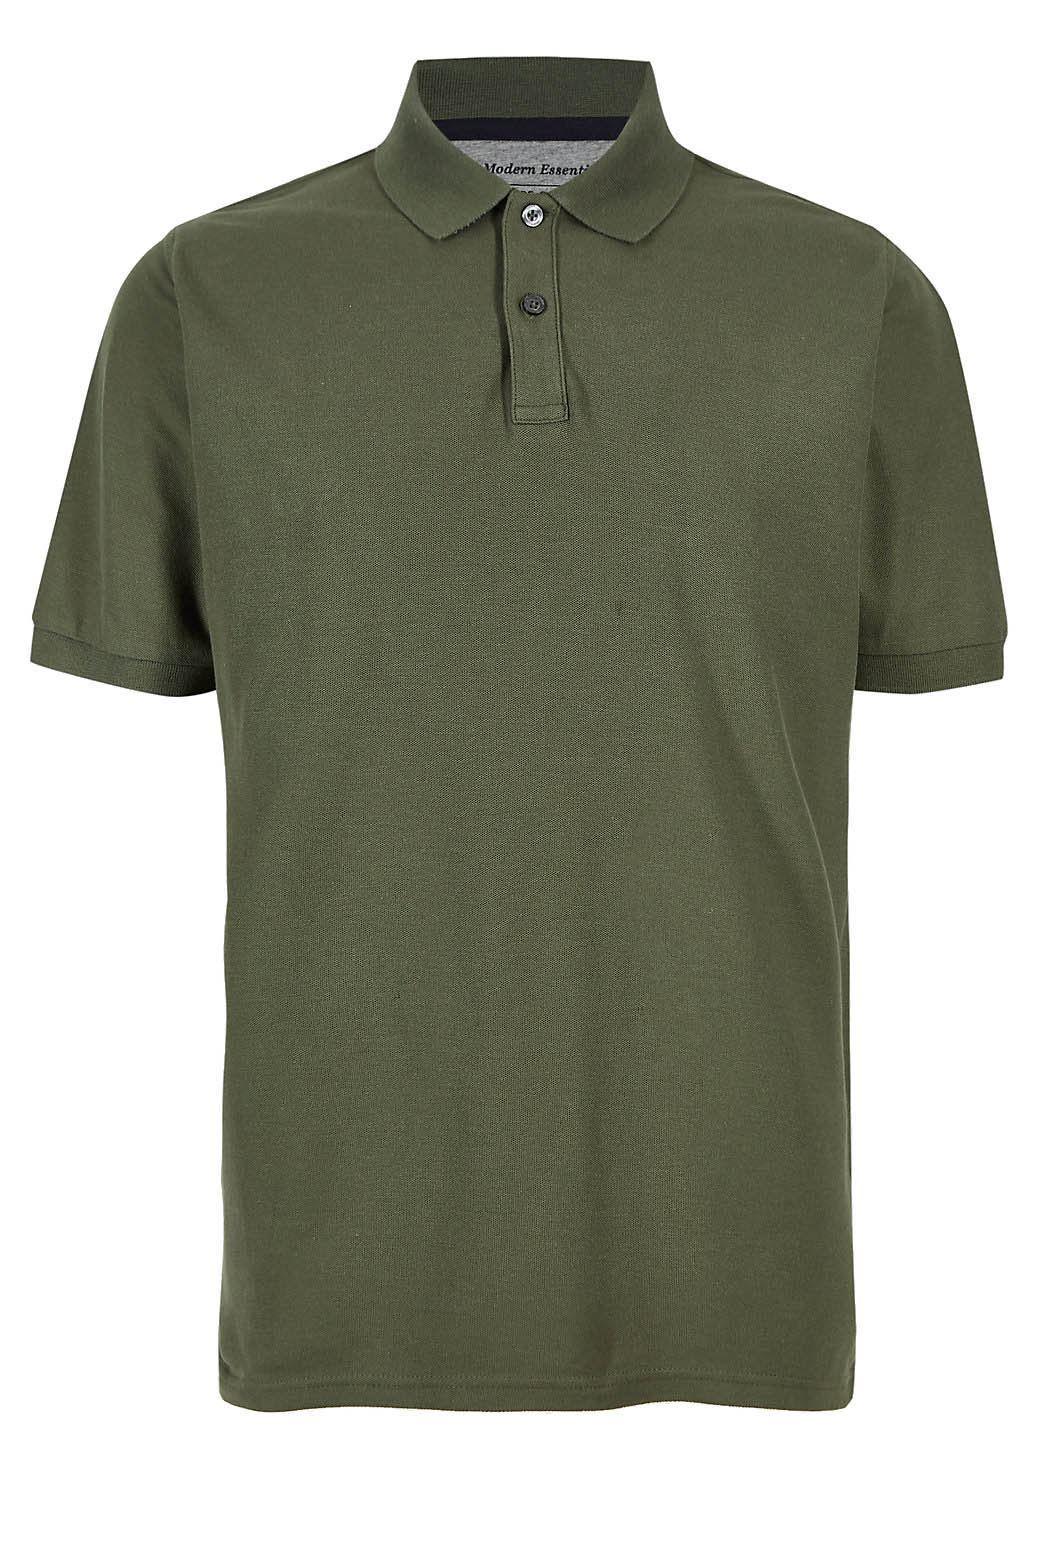 Marks-amp-Spencer-Camisa-Polo-Para-Hombre-Algodon-Clasico-M-amp-S-todos-los-colores-y-tamanos-de miniatura 15